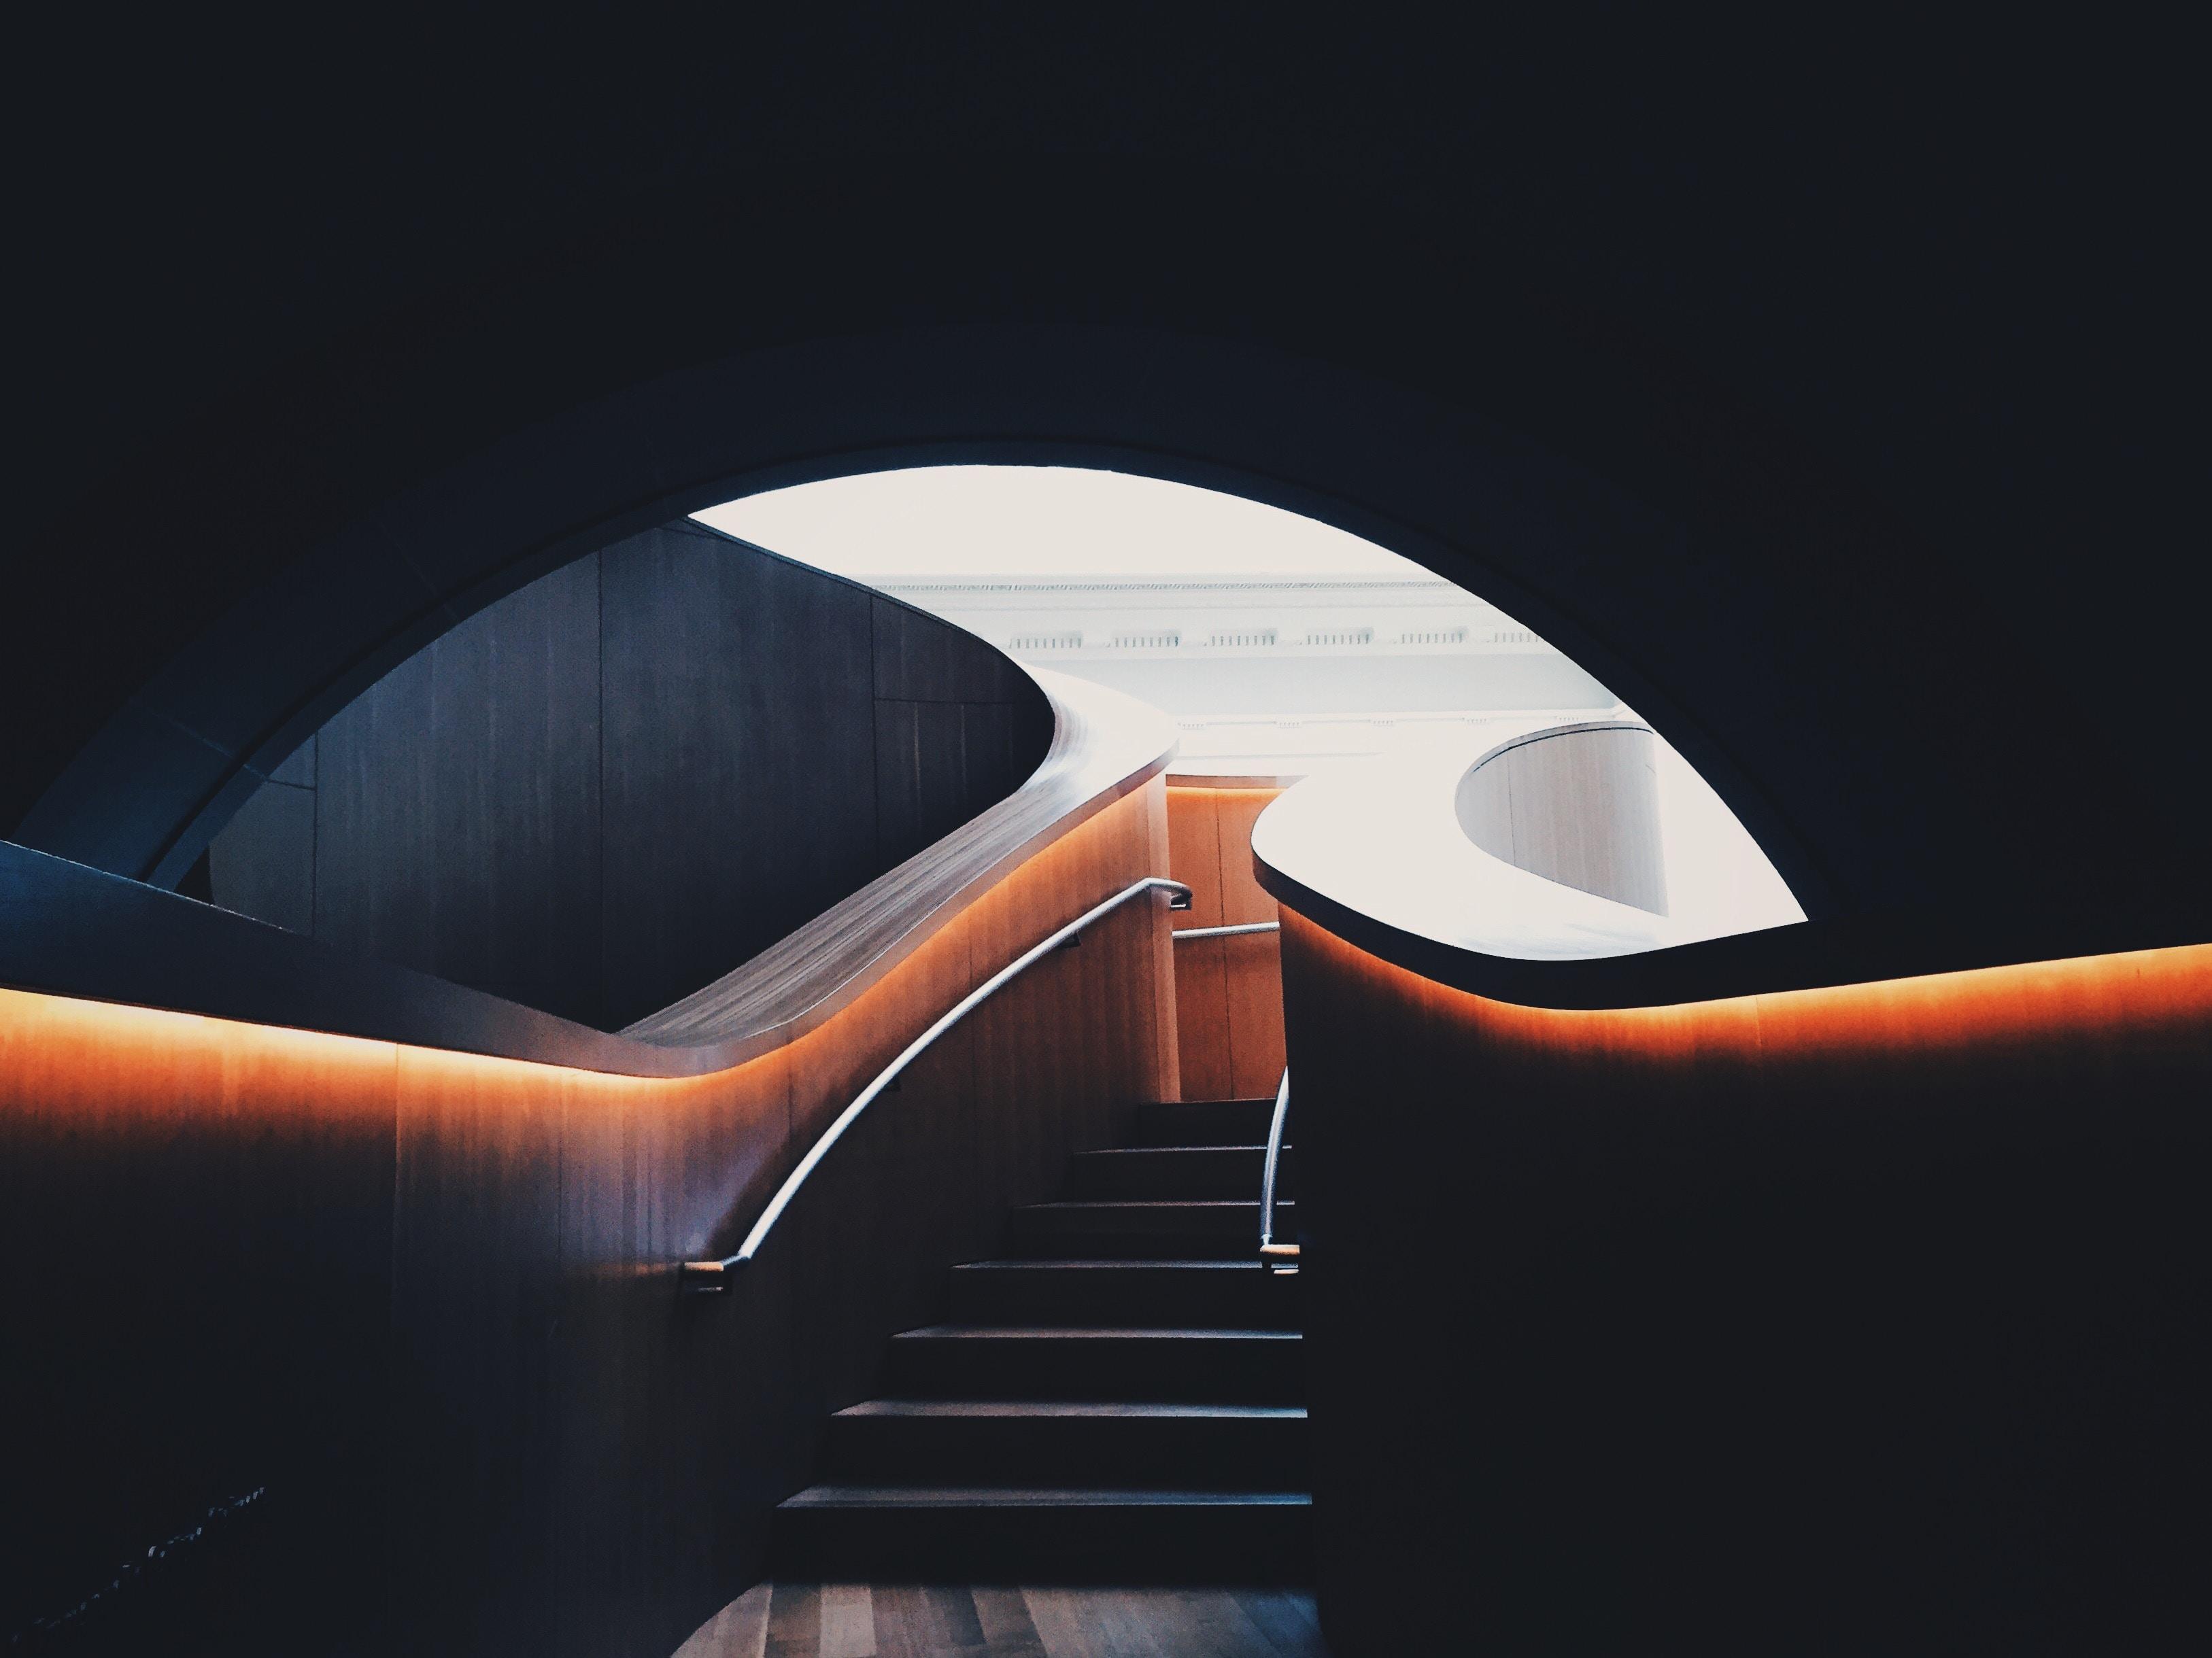 staircase underground